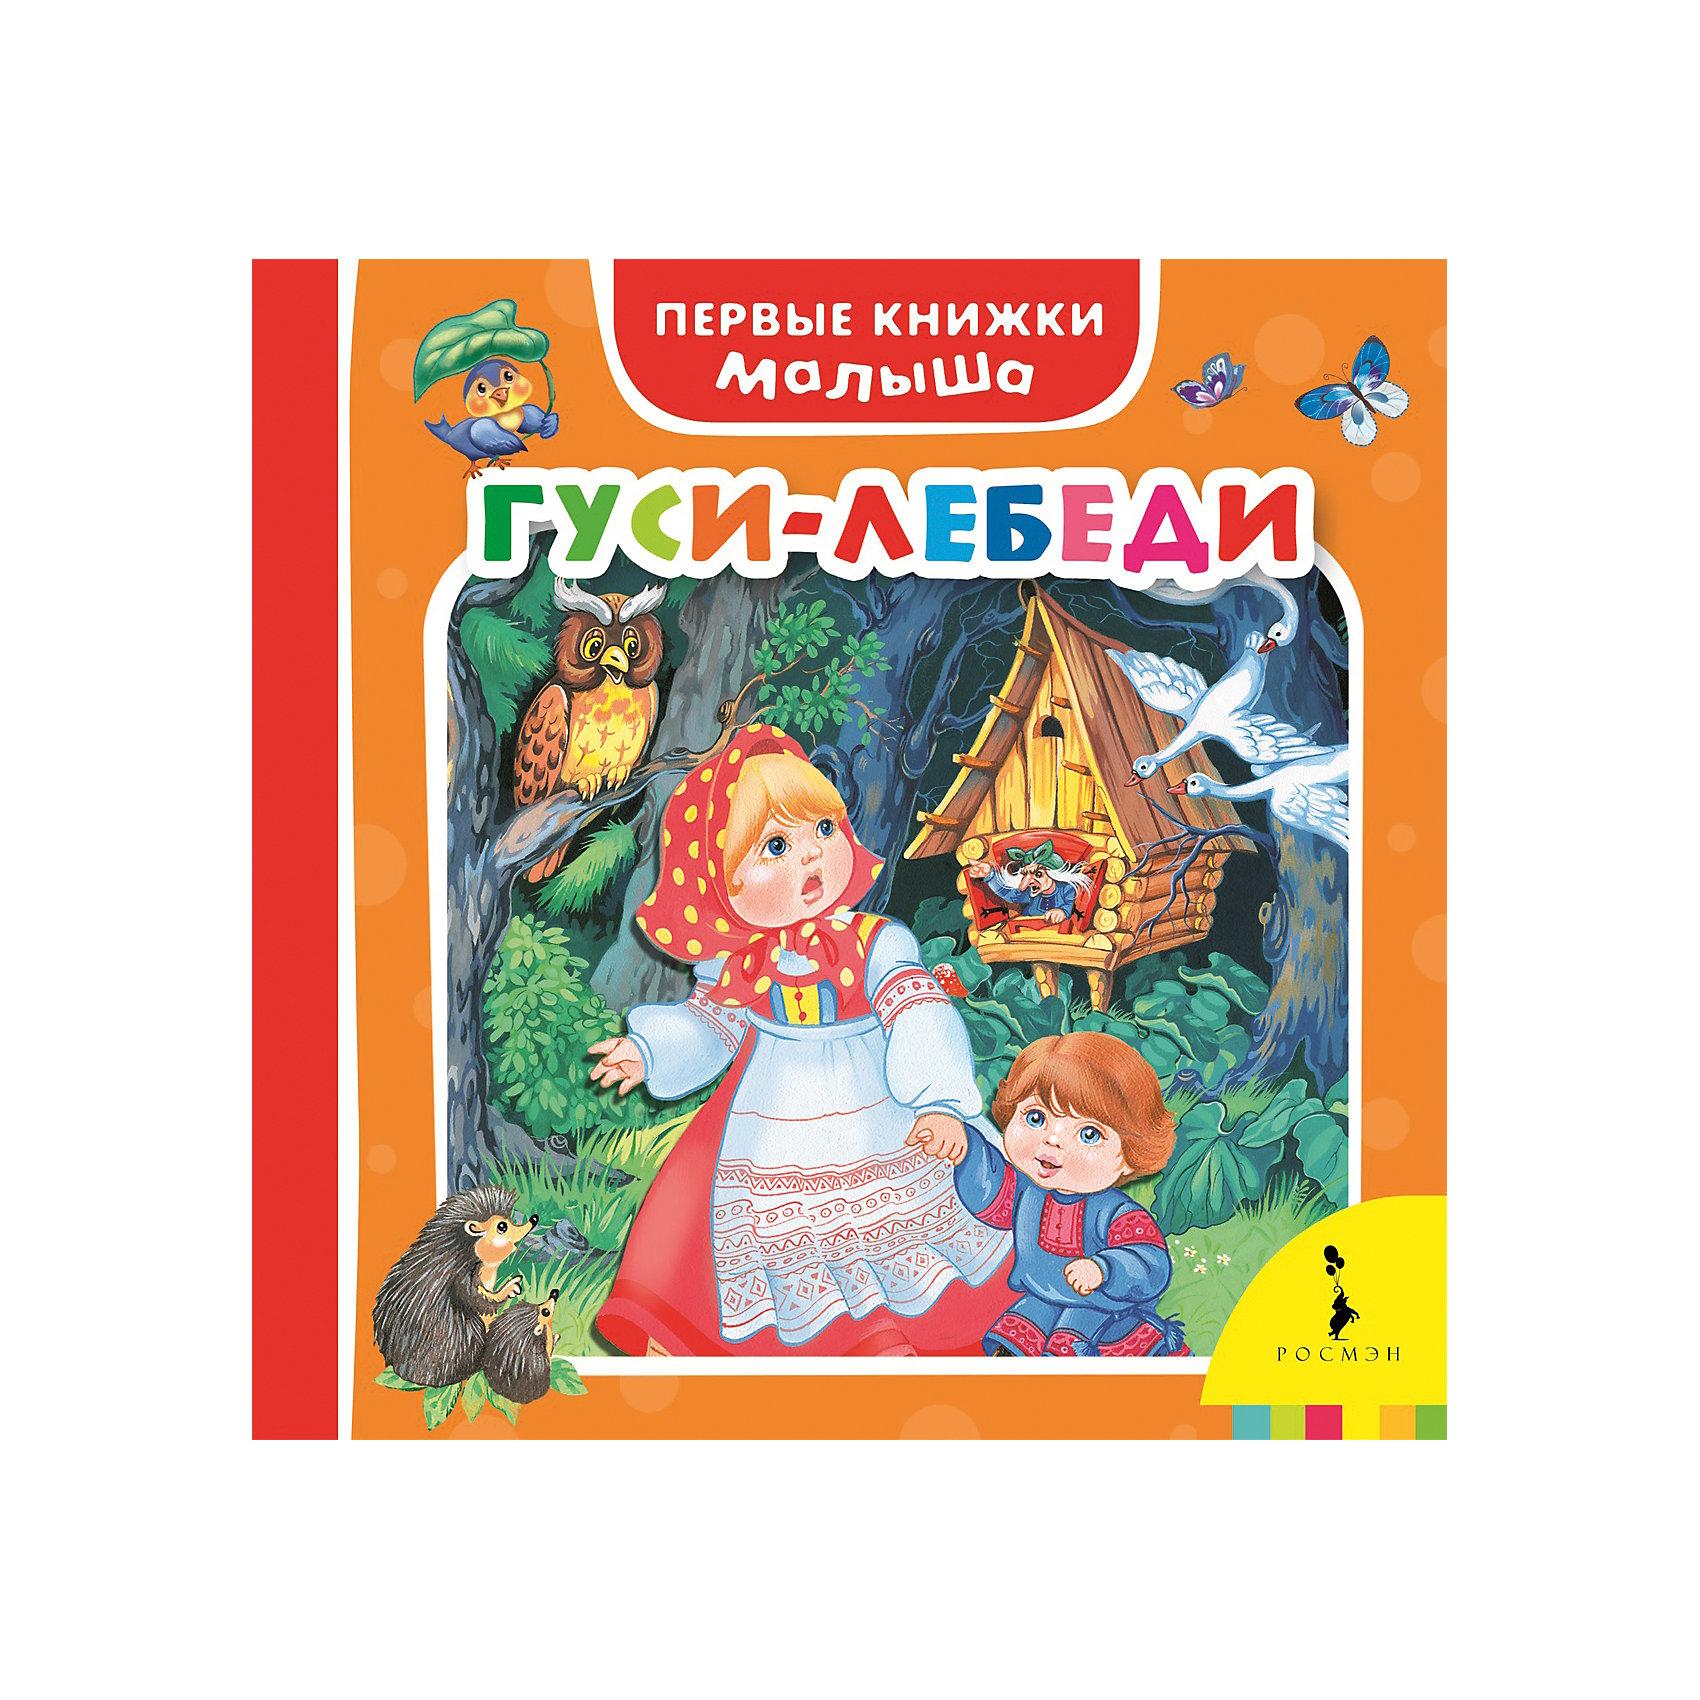 Гуси-лебеди, серия Первые книги малышаСерия Первые книжки малыша - это лучшие произведения для самых маленьких. Любимые русские и зарубежные сказки,  хорошие стихи, весёлые загадки и потешки. Красивые иллюстрации и удобный формат.<br><br>Ширина мм: 165<br>Глубина мм: 165<br>Высота мм: 17<br>Вес г: 355<br>Возраст от месяцев: 0<br>Возраст до месяцев: 36<br>Пол: Унисекс<br>Возраст: Детский<br>SKU: 5076559